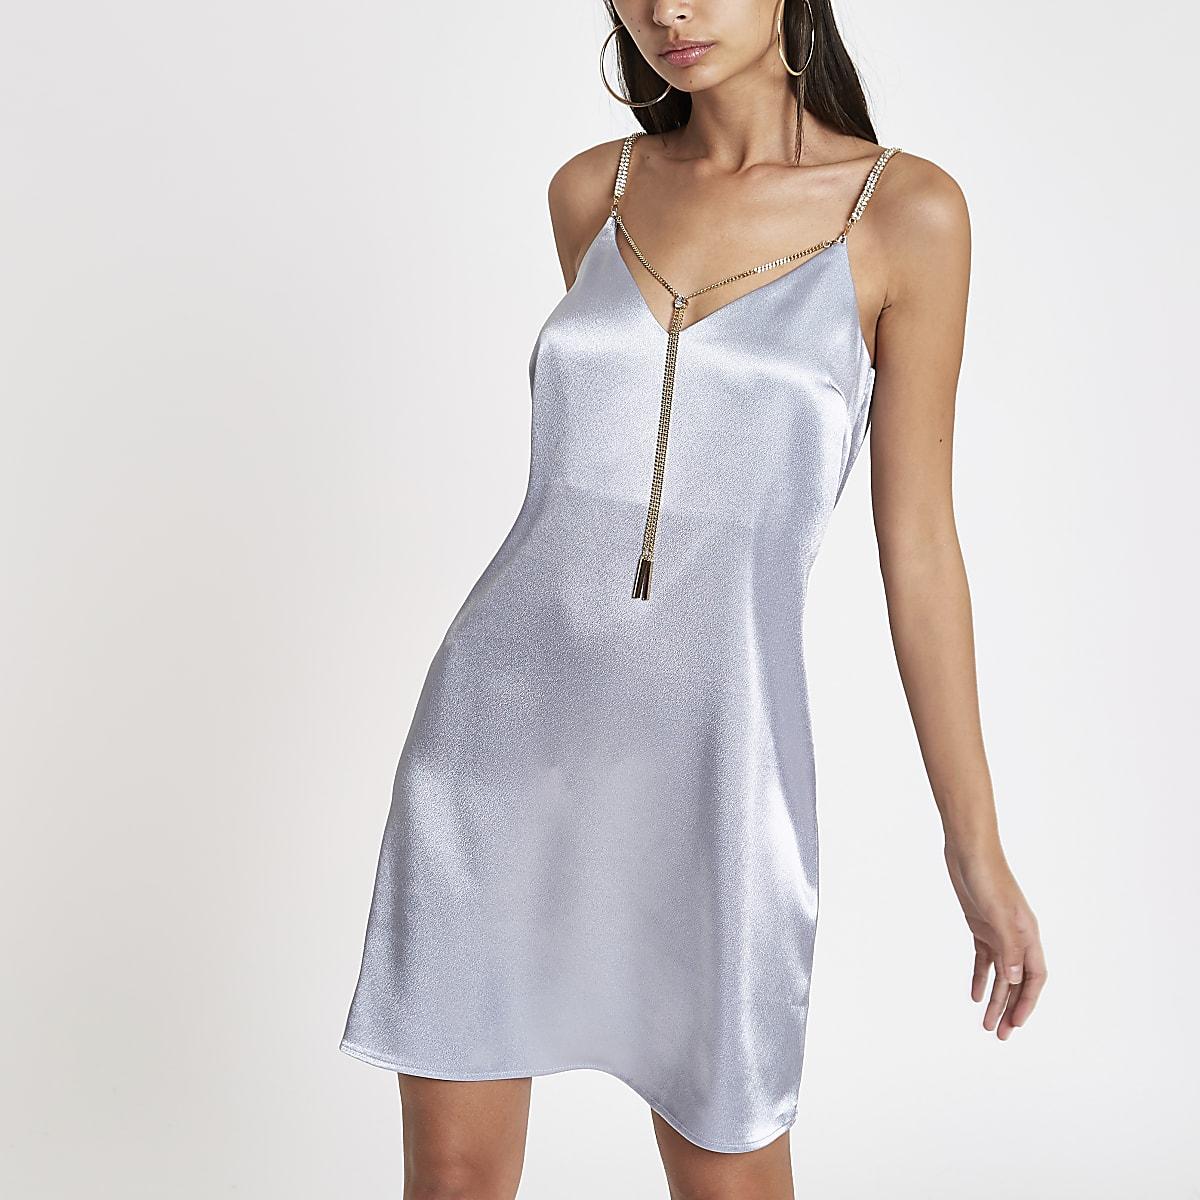 Blue satin chain strap slip dress